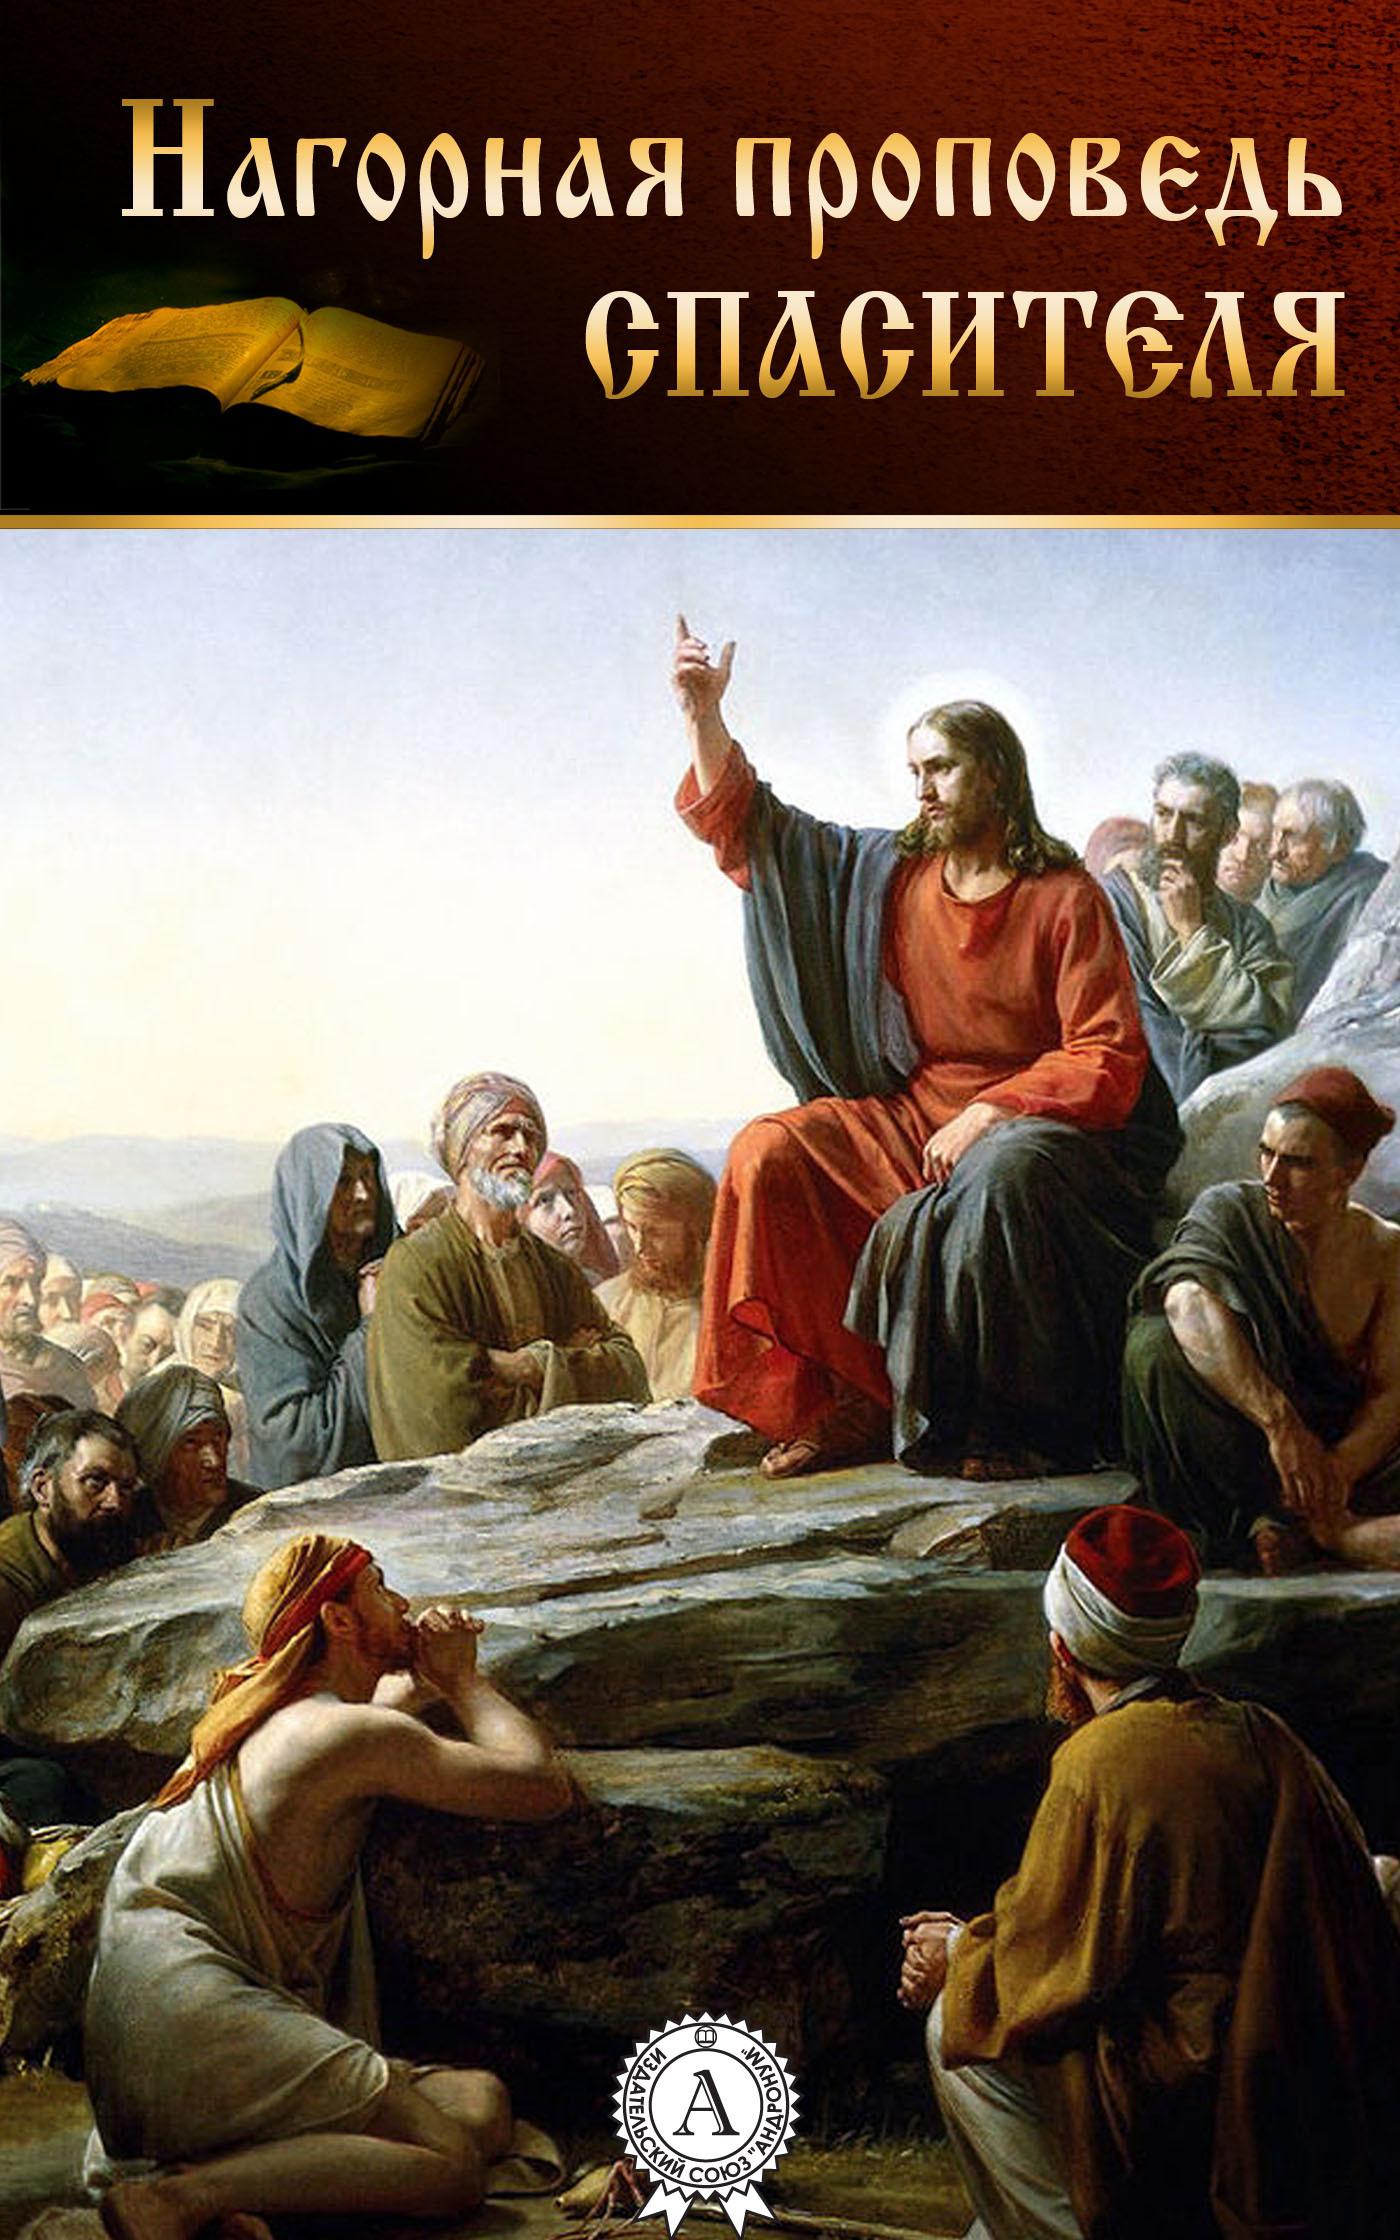 Скачать Нагорная проповедь Спасителя быстро